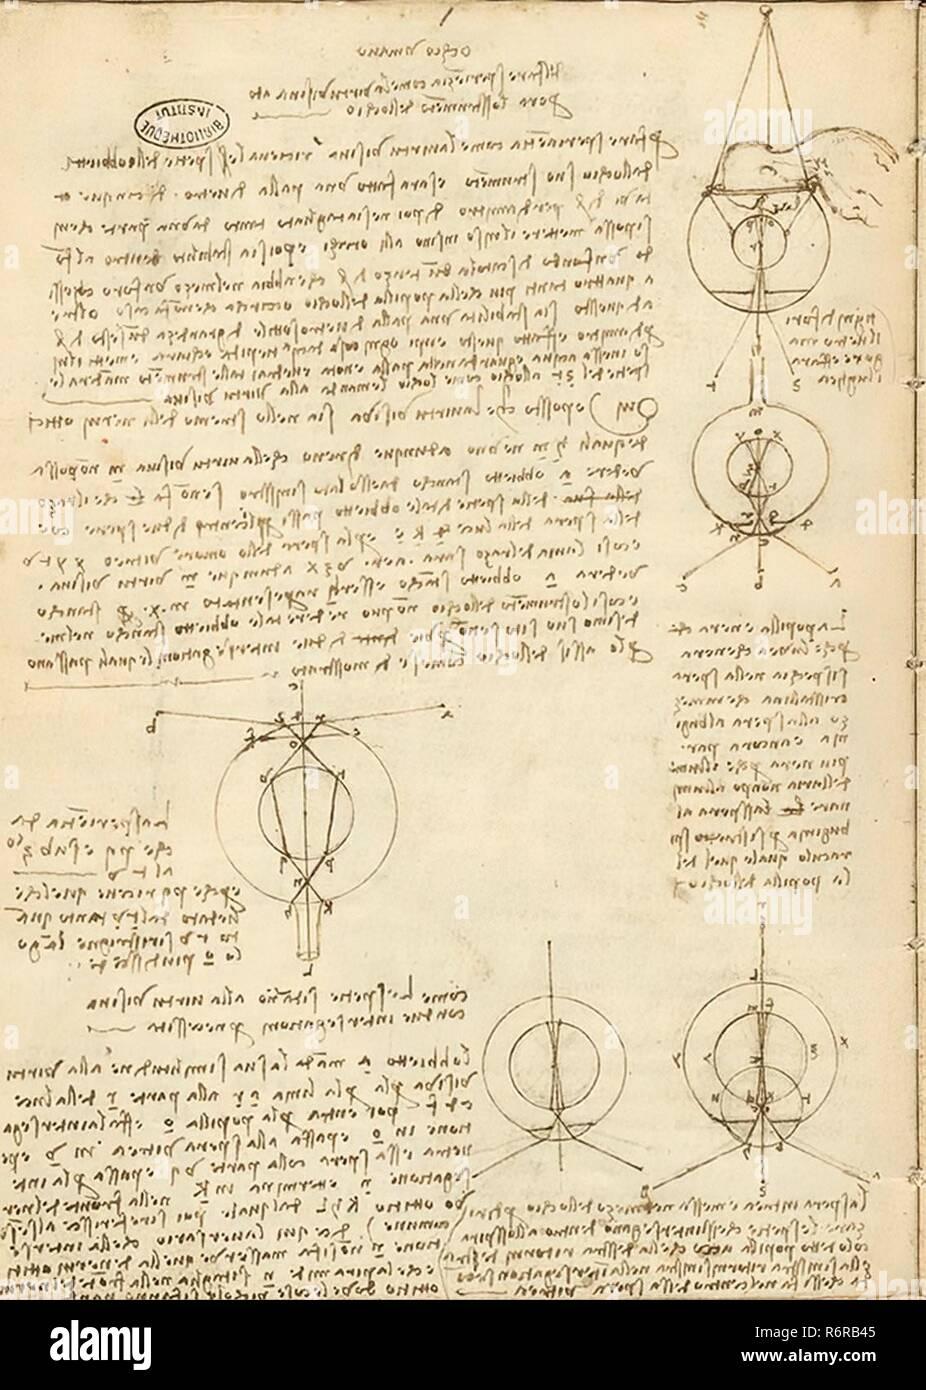 Disegni anatomia: 0032r. Autore: LEONARDO DA VINCI. Immagini Stock